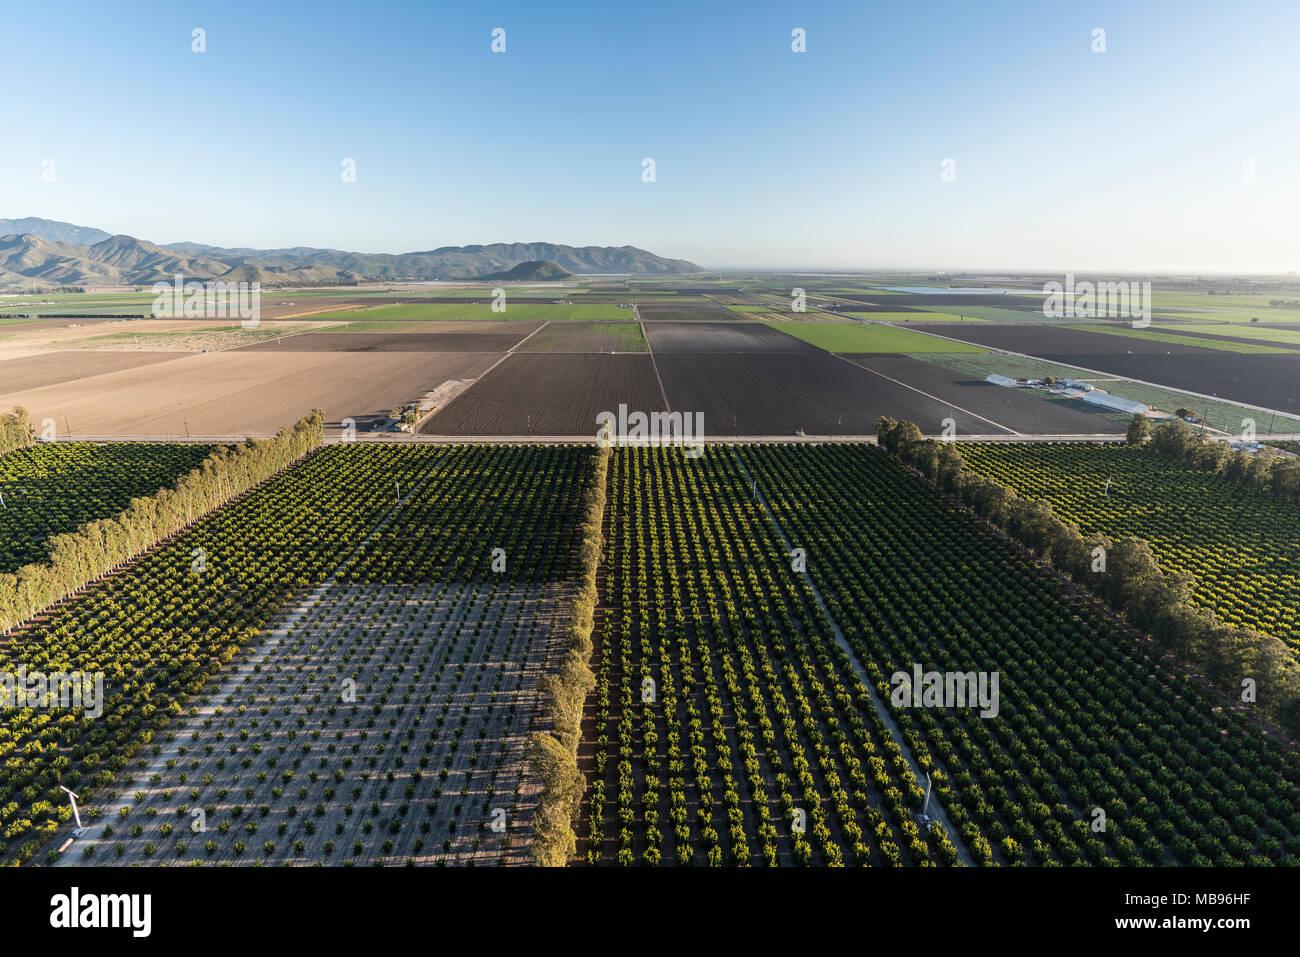 Luftaufnahme von Zitrusplantagen und Küsten Feldern in der Nähe von Camarillo in Ventura County, Kalifornien. Stockbild